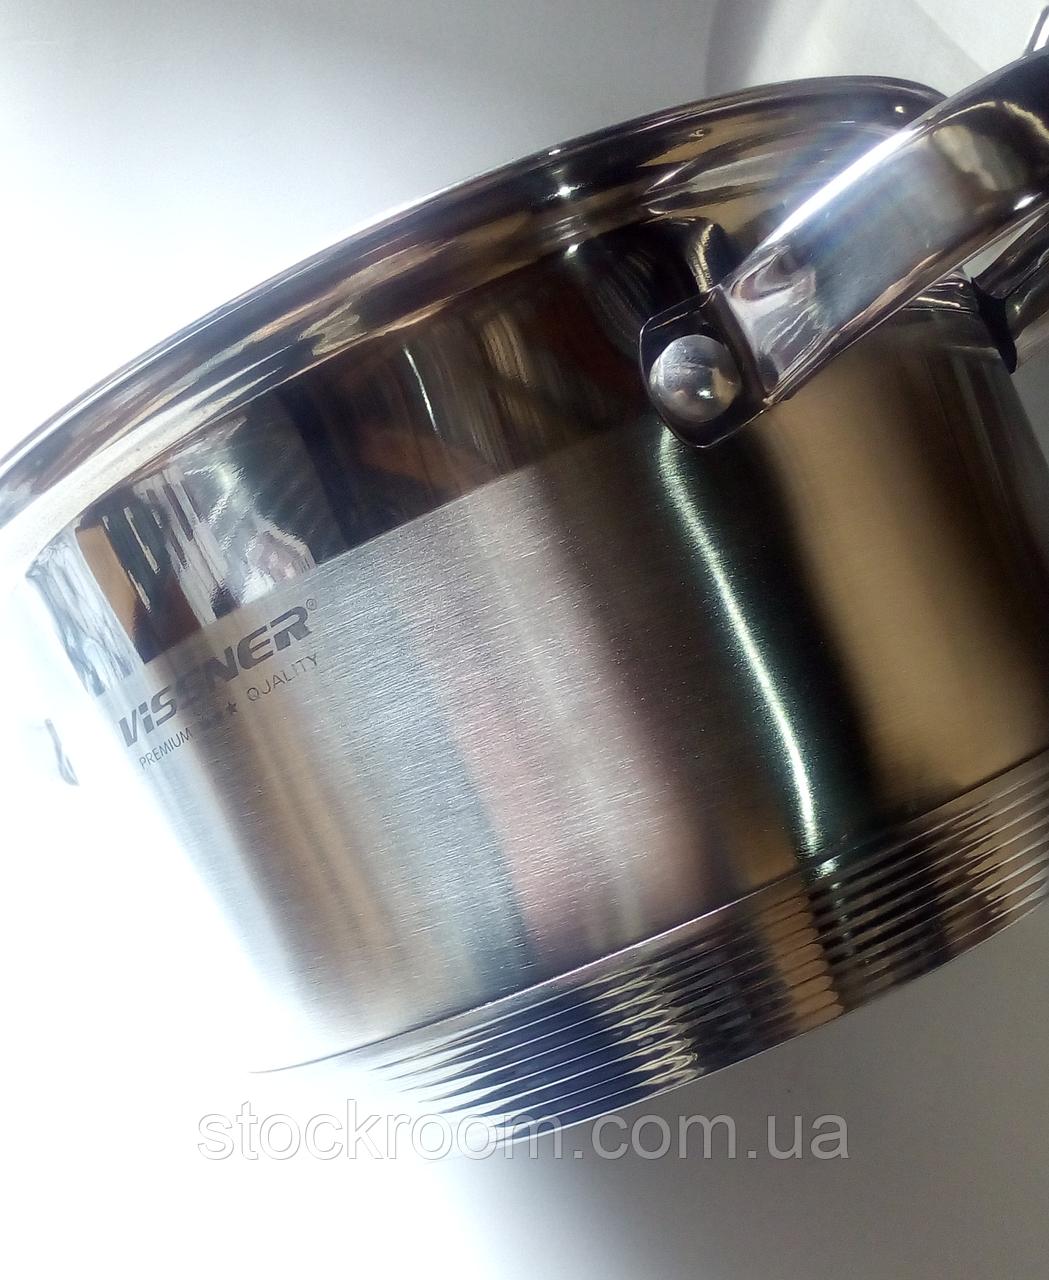 Набор посуды Vissner VS 12100 (6 кастрюль)